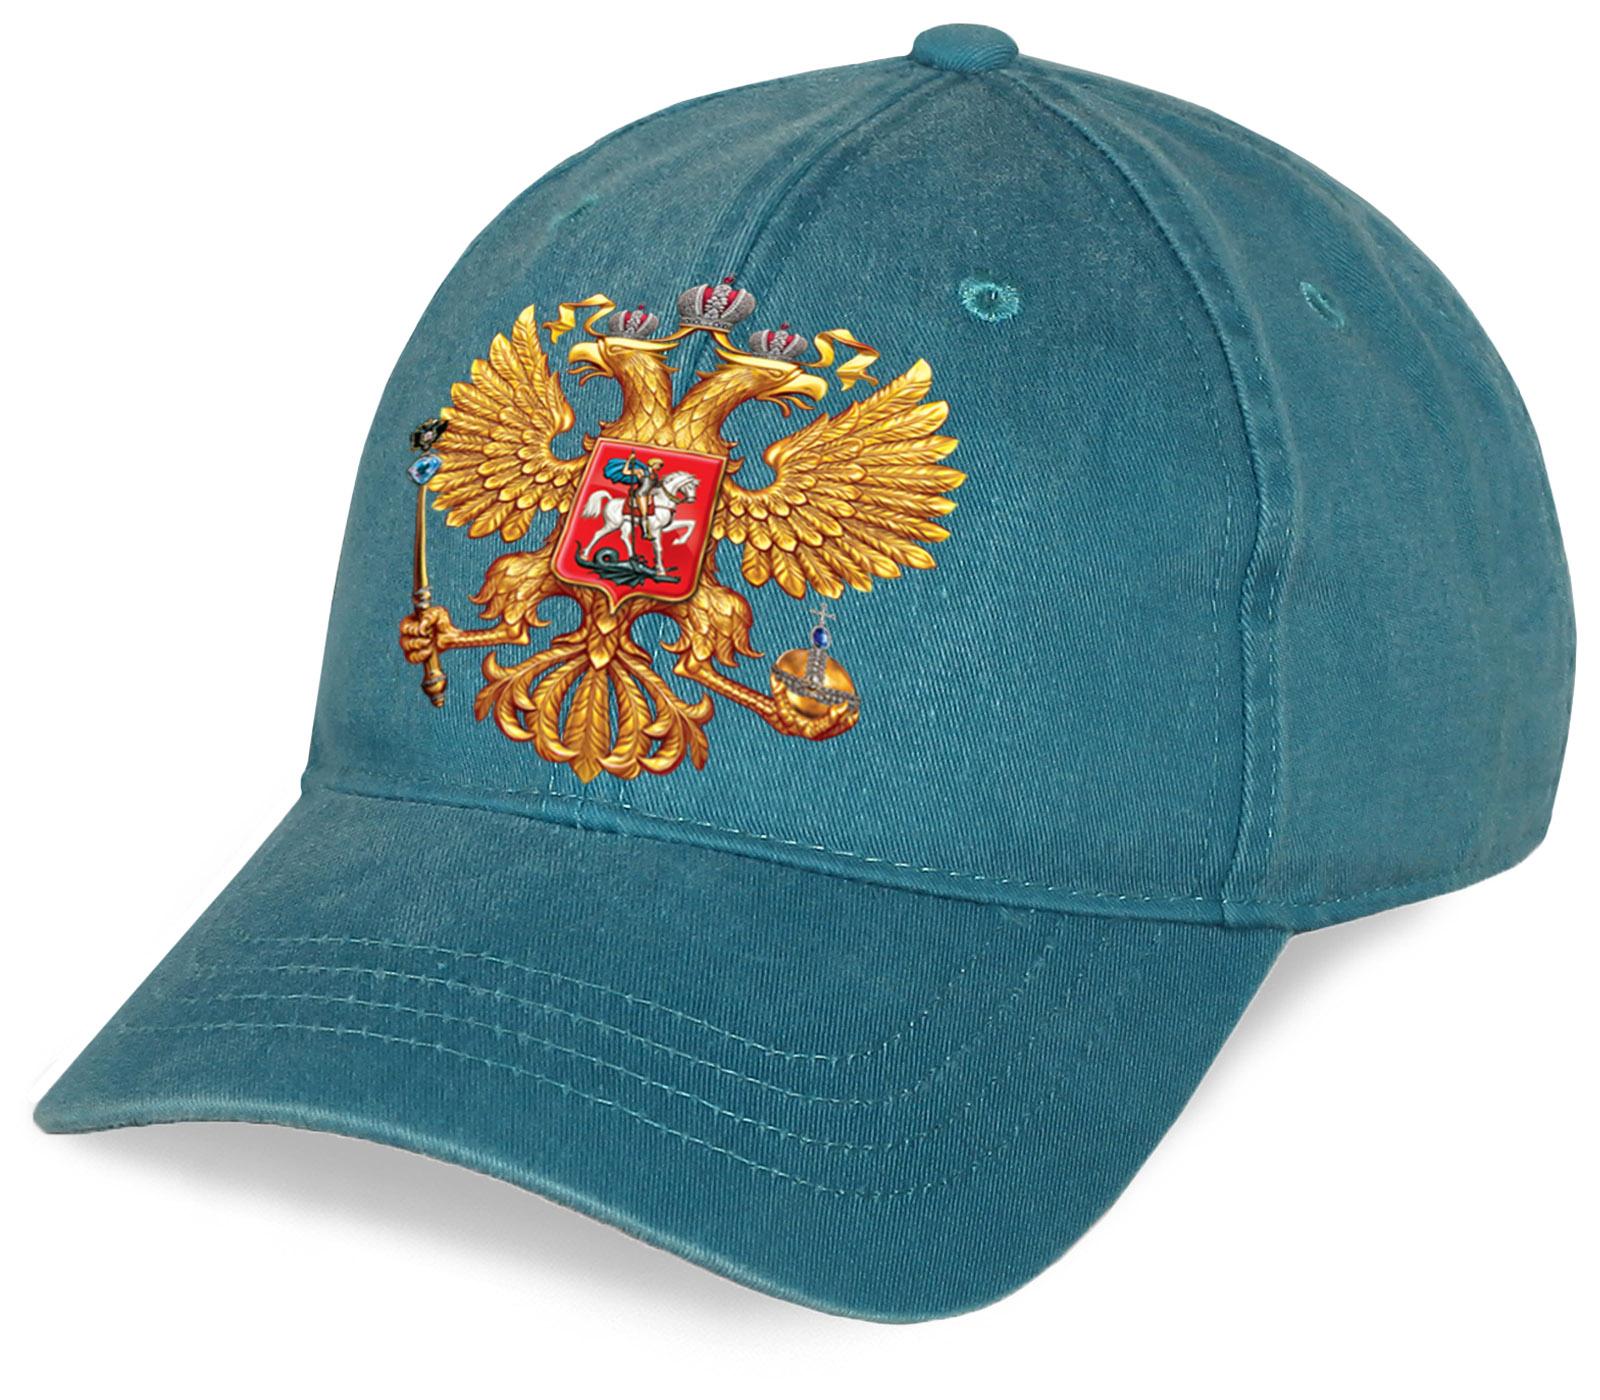 Налетай! Эксклюзивная бейсболка с гербом России из хлопка. Премиум-качество для фанатов и патриотов